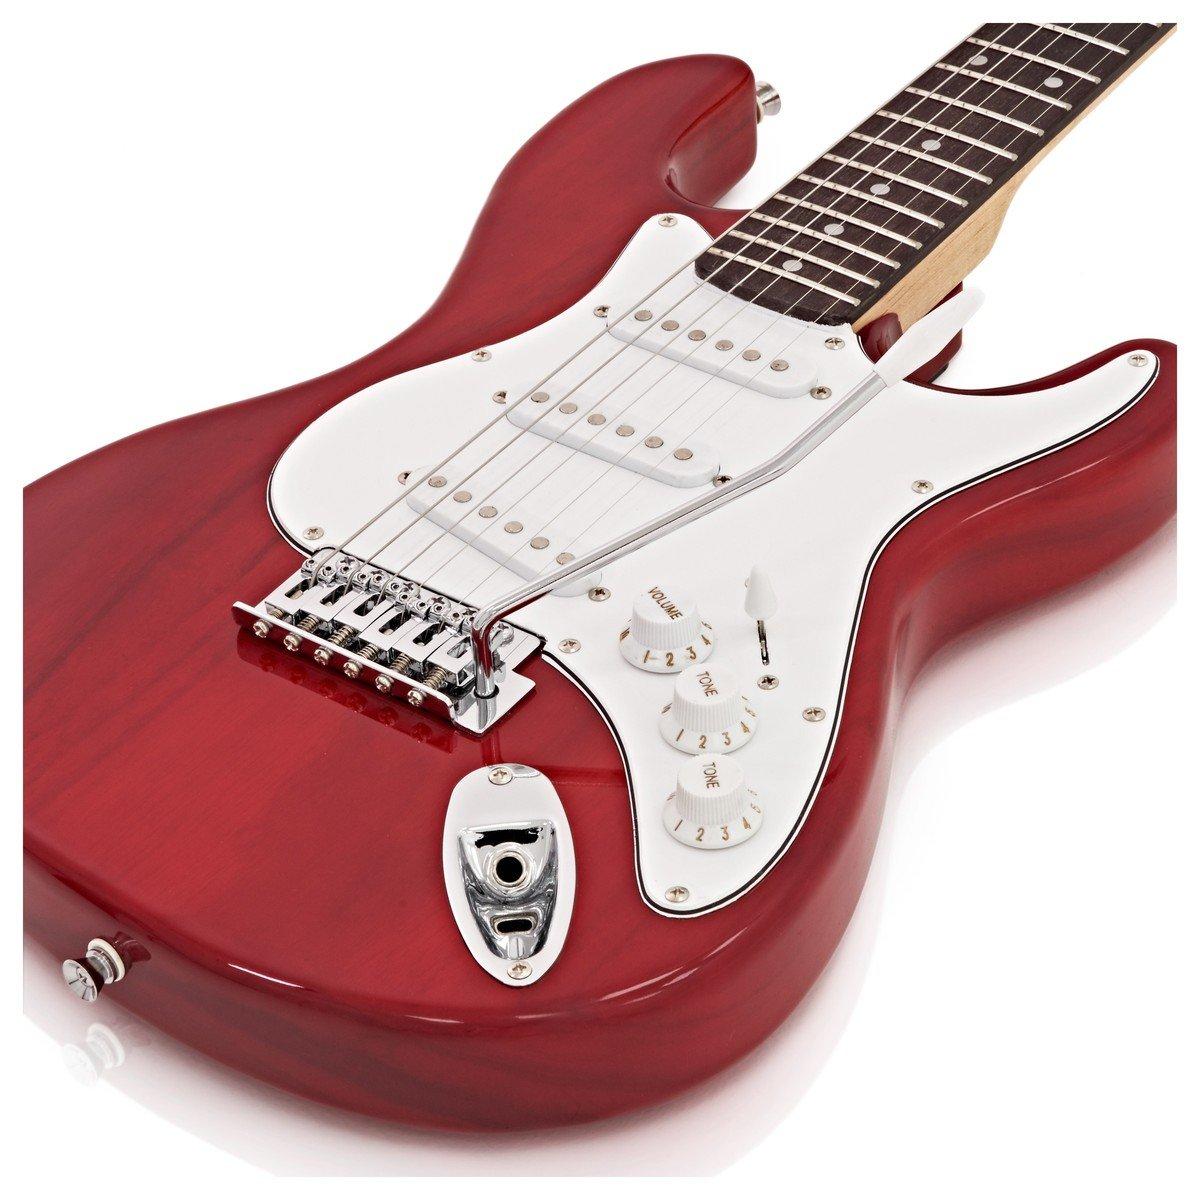 Paquete de guitarra eléctrica LA 3/4 + Amplificador de 10 W Granate